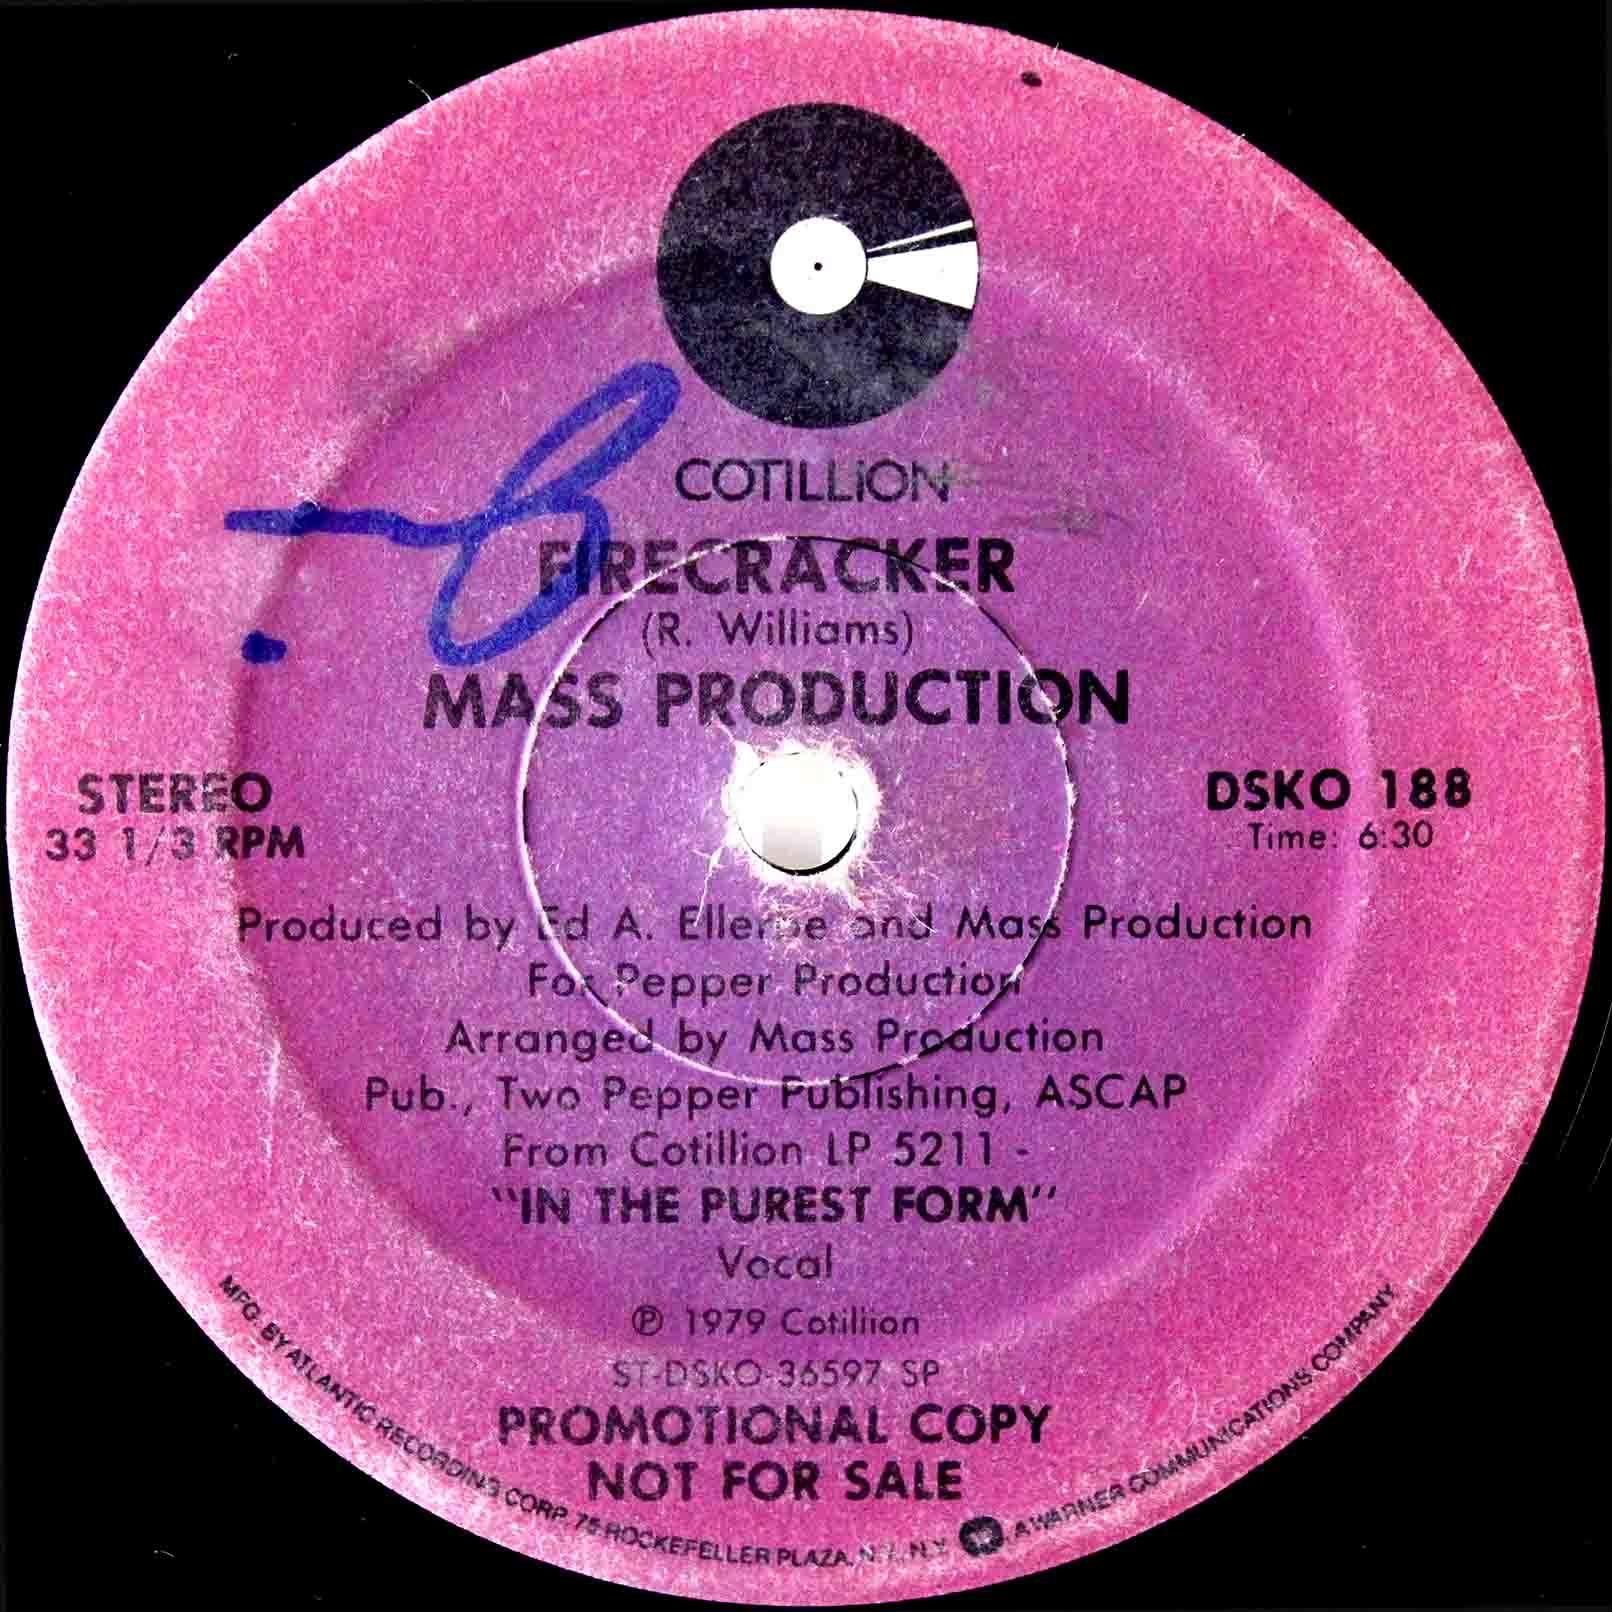 Mass Production – Firecracker 04